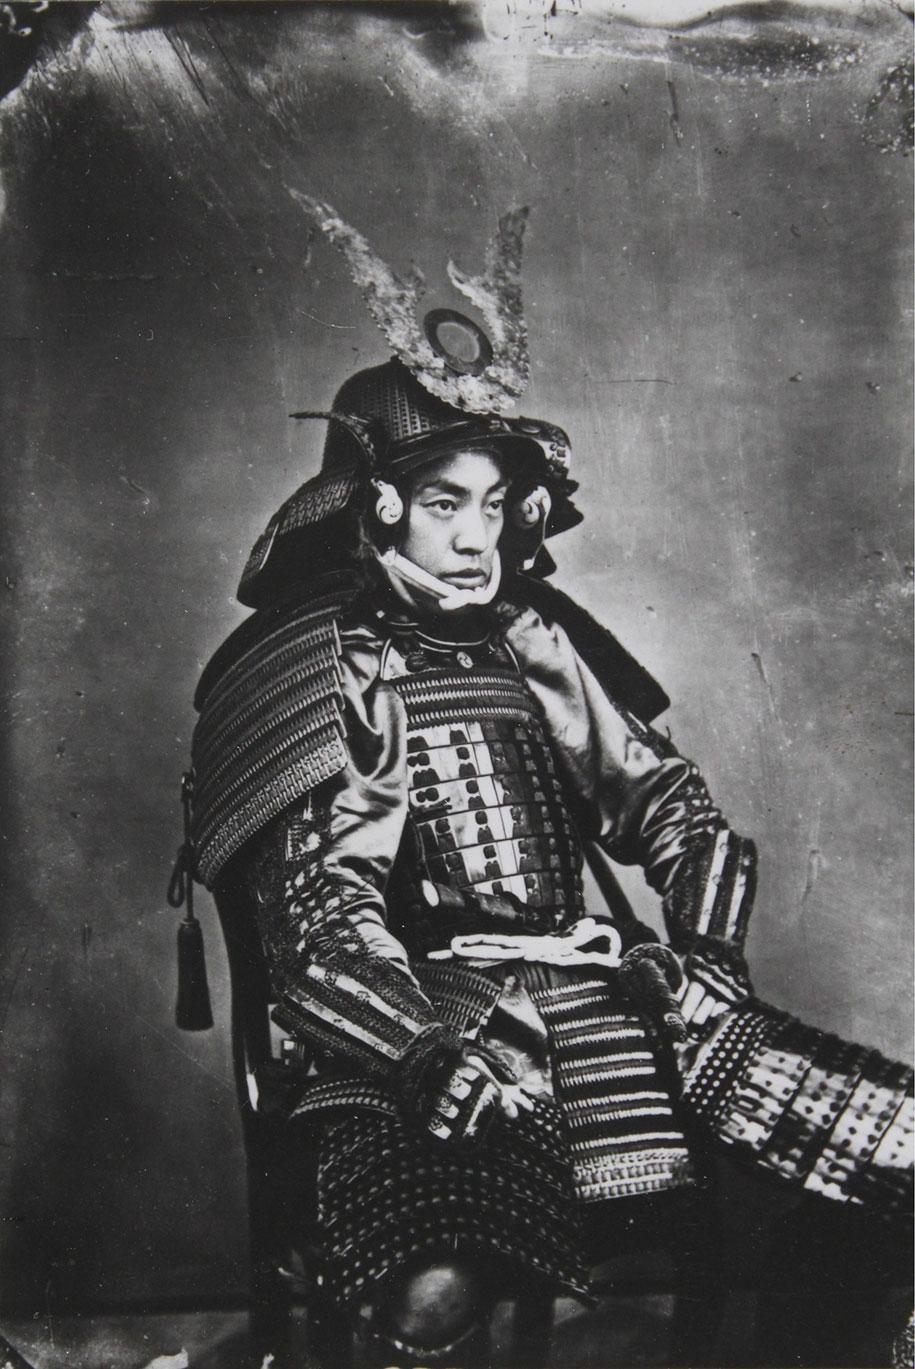 ultimi-samurai-foto-rare-800-giappone-14